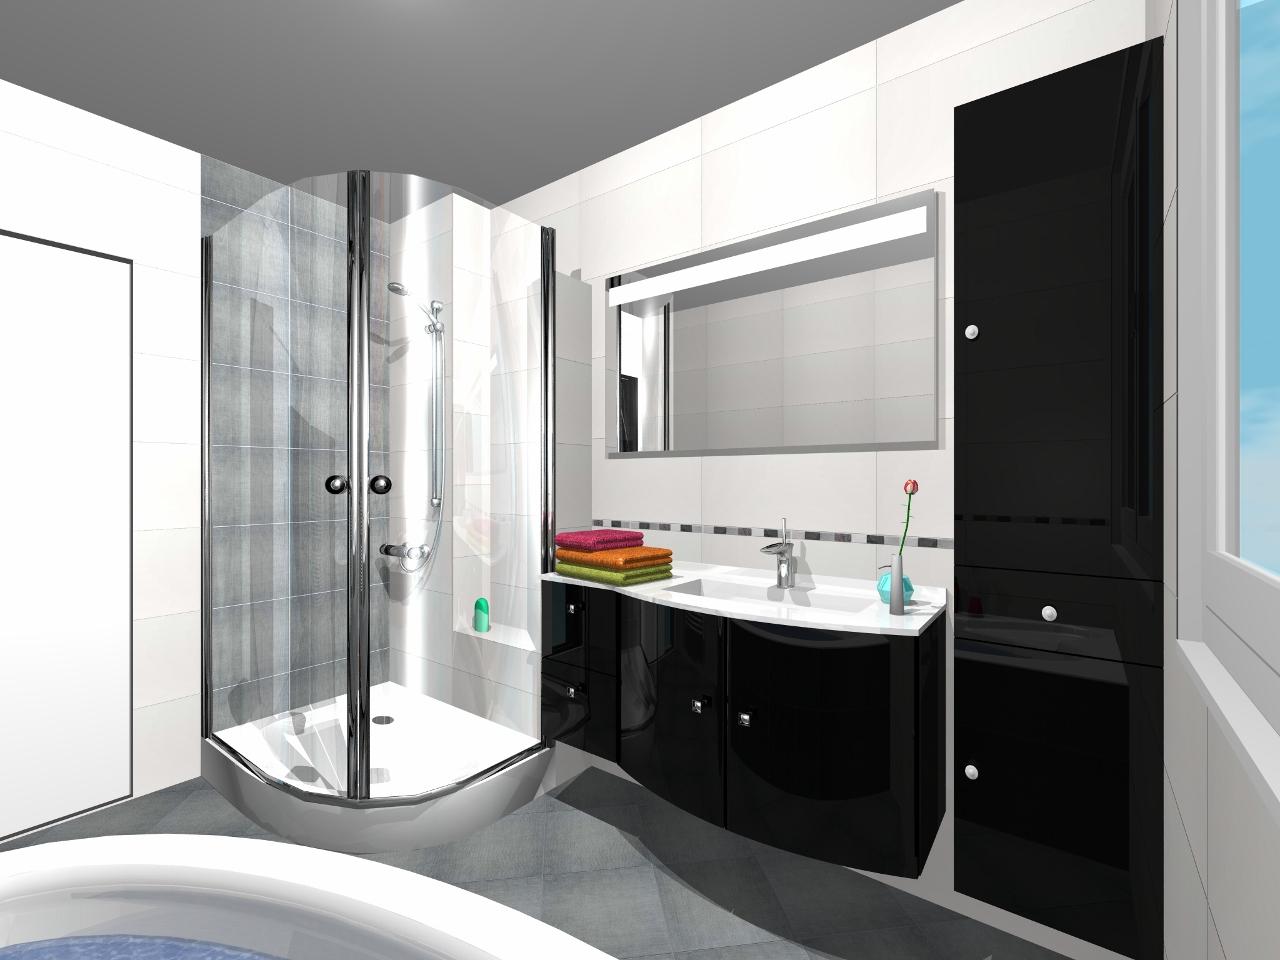 espace bain agencement de salles de bain la troisi me dimension. Black Bedroom Furniture Sets. Home Design Ideas